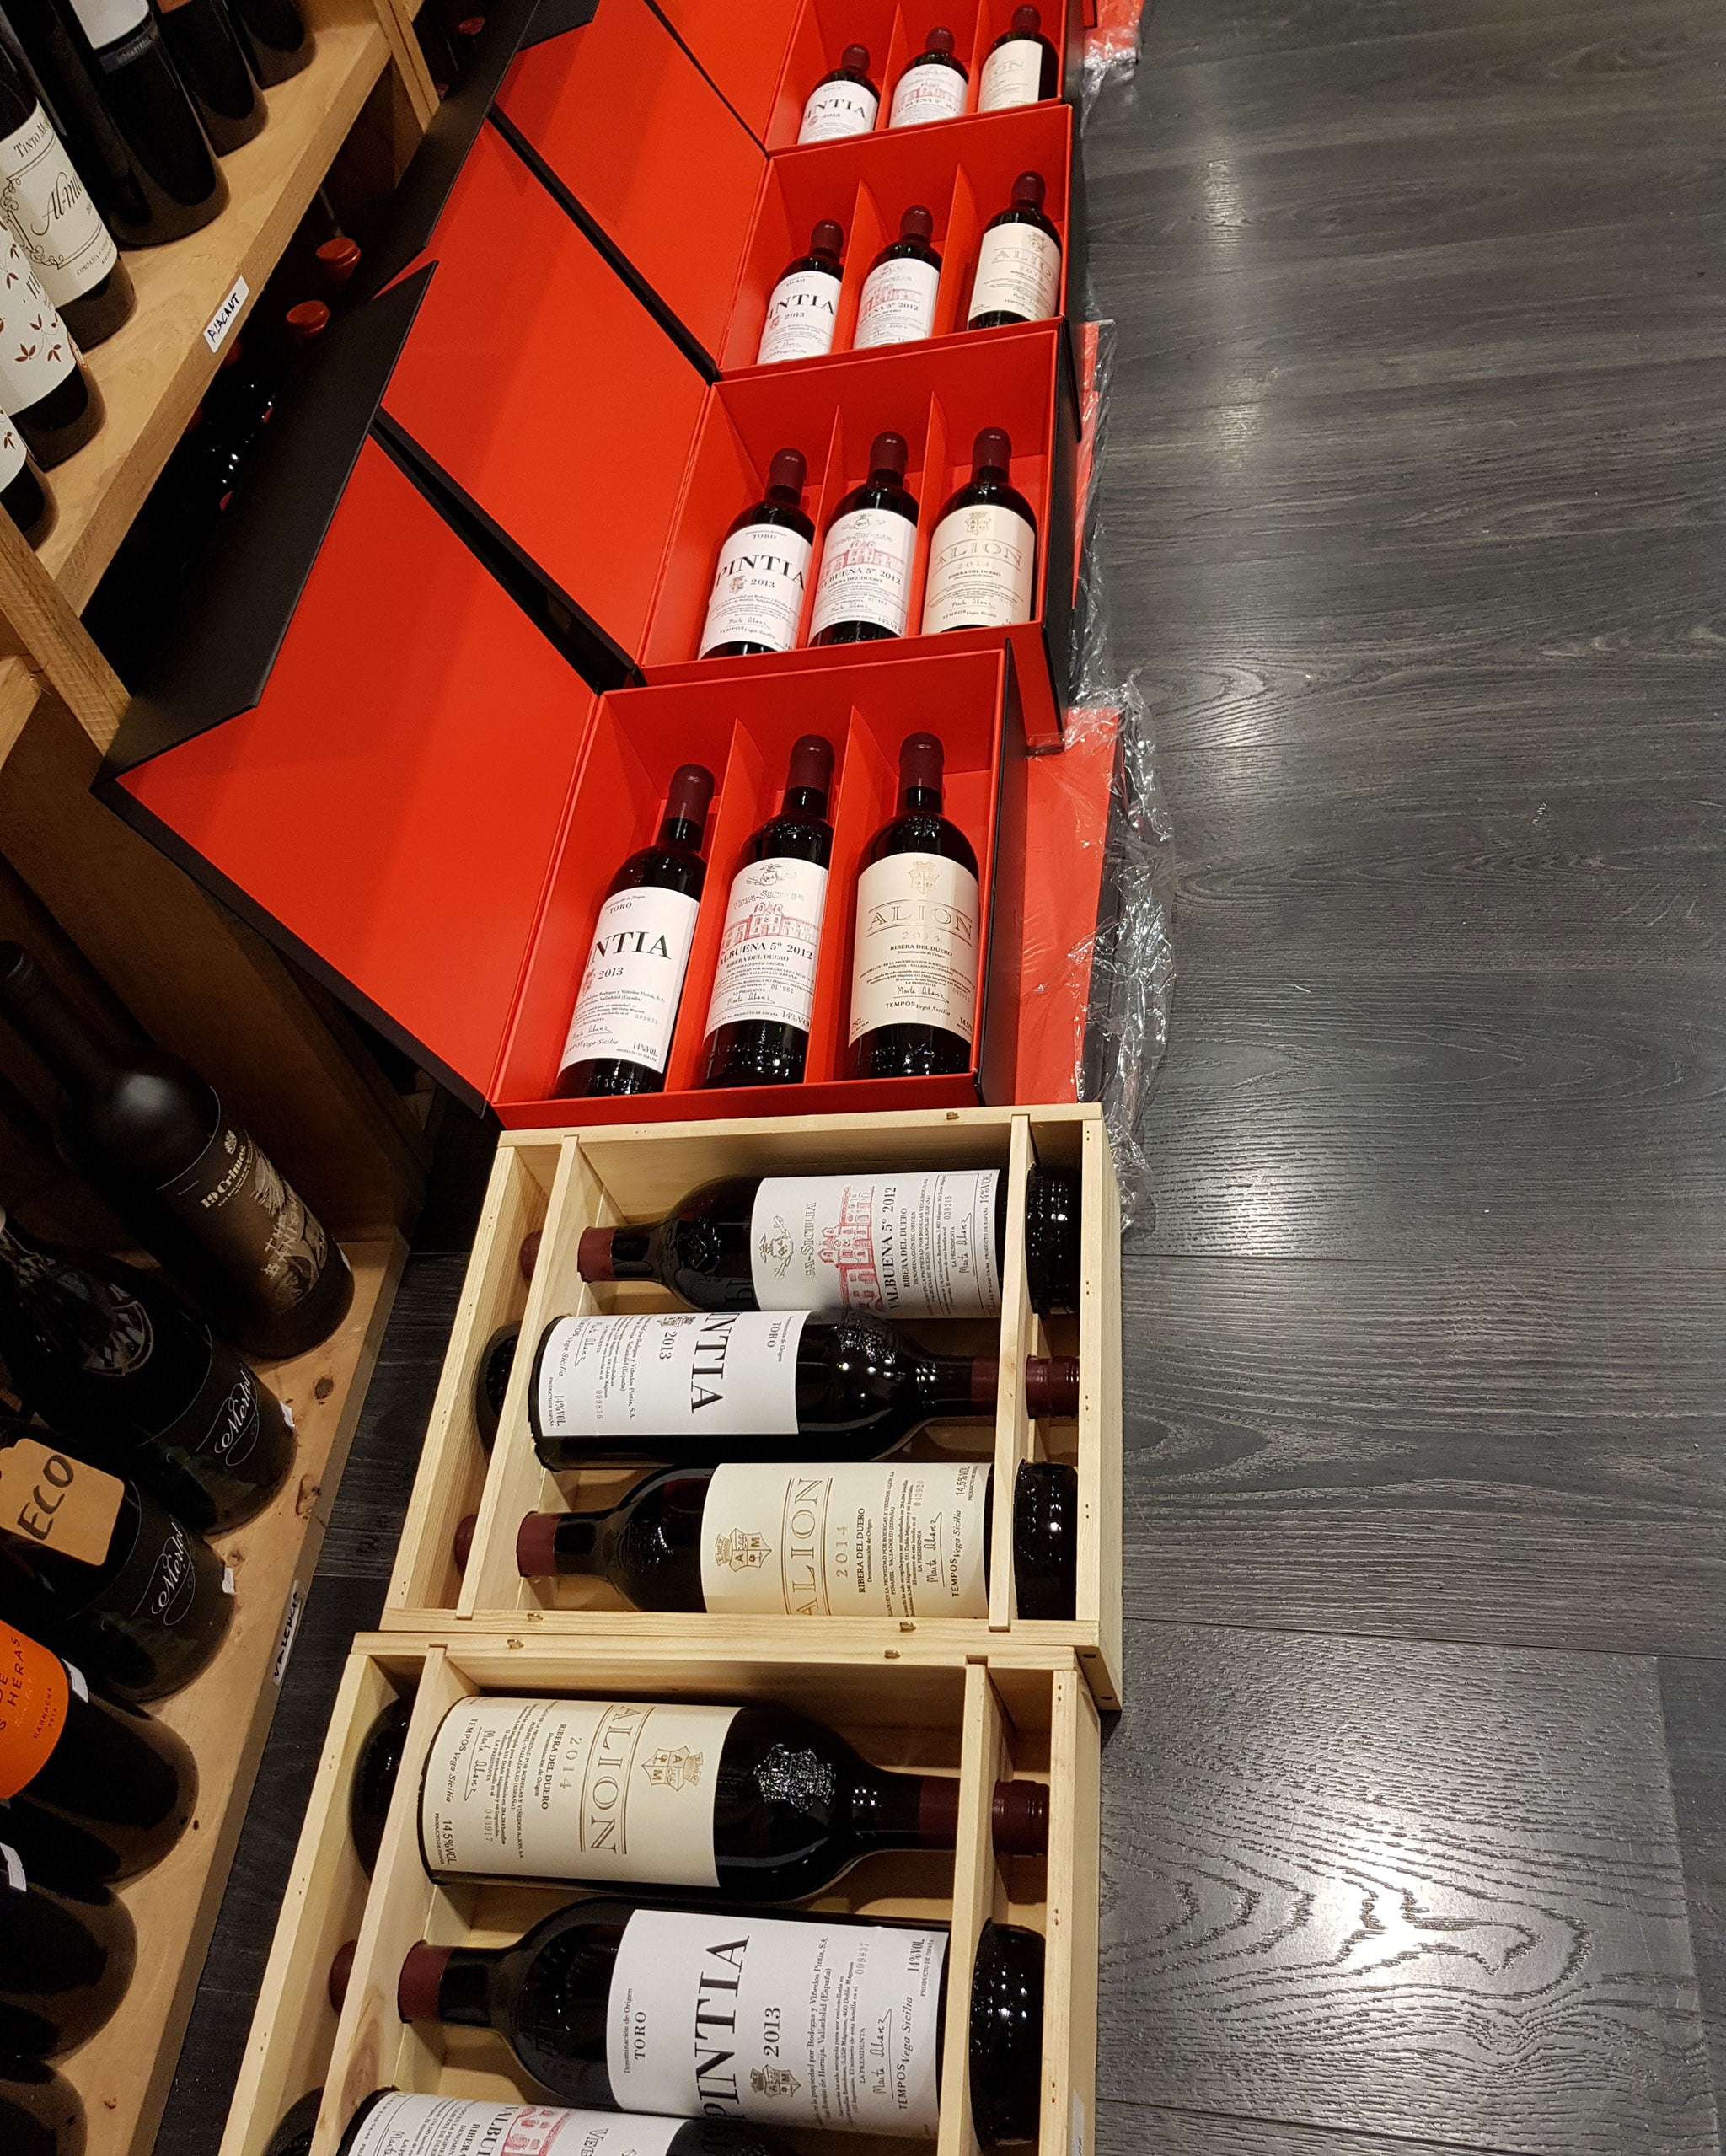 Lote de vinos Vega Sicilia para regalar – Gourmet Point